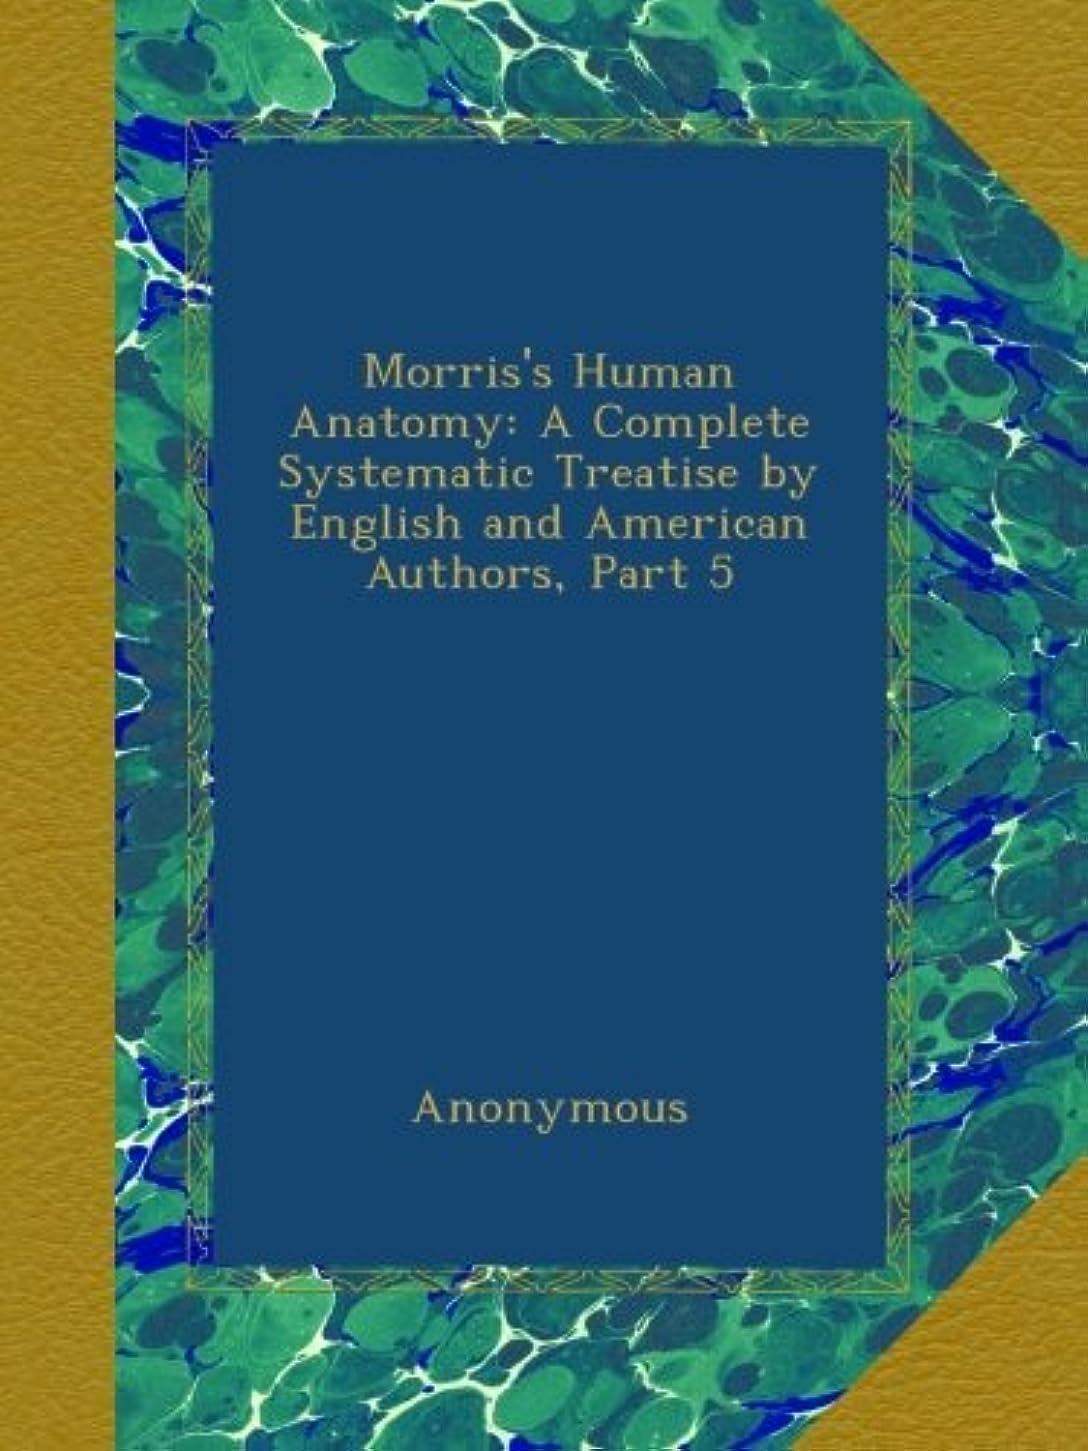 タワーペニーカカドゥMorris's Human Anatomy: A Complete Systematic Treatise by English and American Authors, Part 5